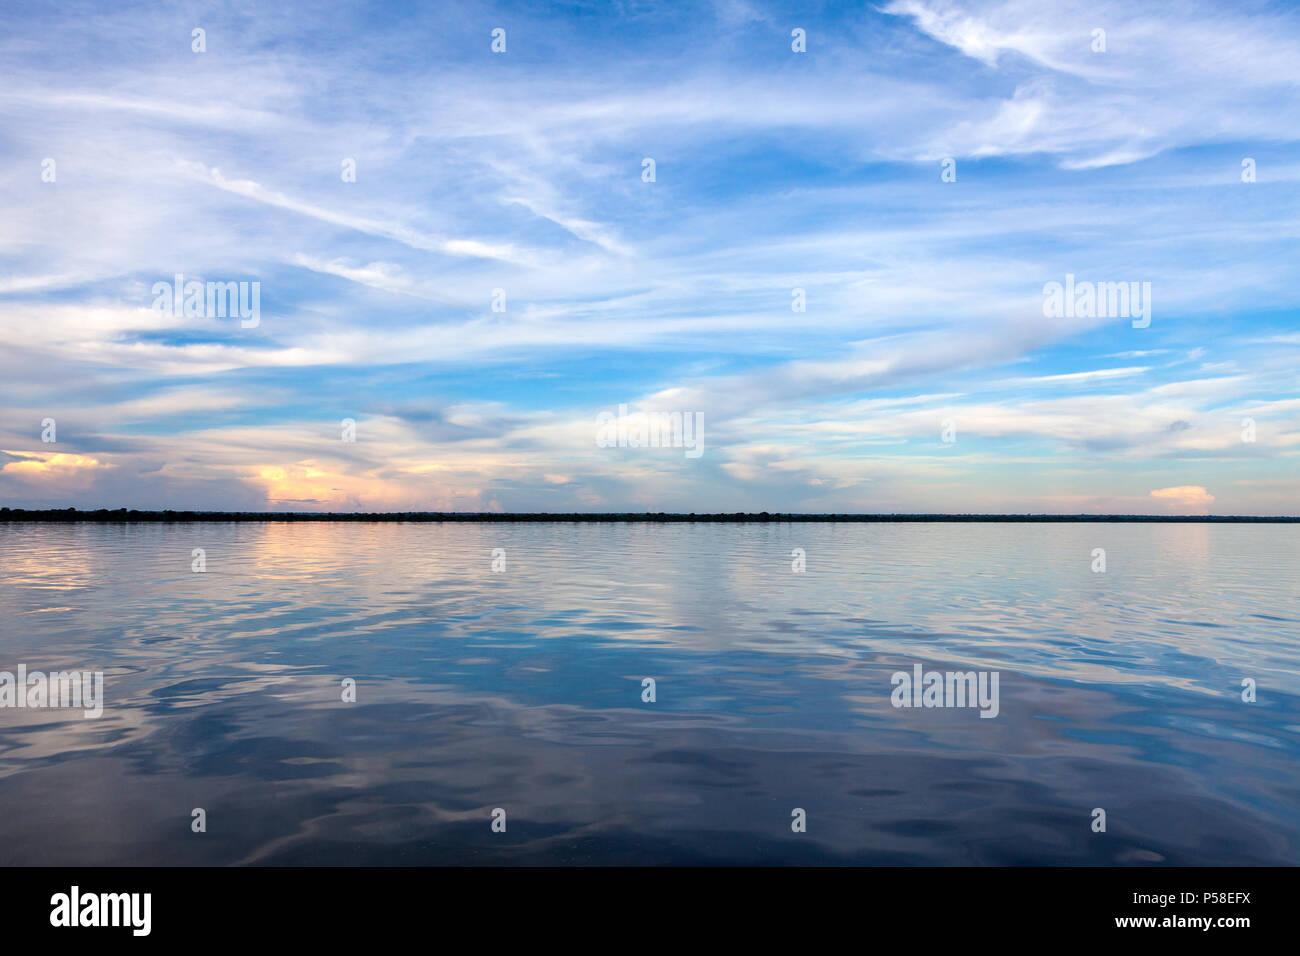 L'Amazonas, Brésil - rivière dans la forêt amazonienne avec texture eaux sombres de la rivière Negro reflétant le ciel bleu et les nuages et la forêt dans la b Photo Stock